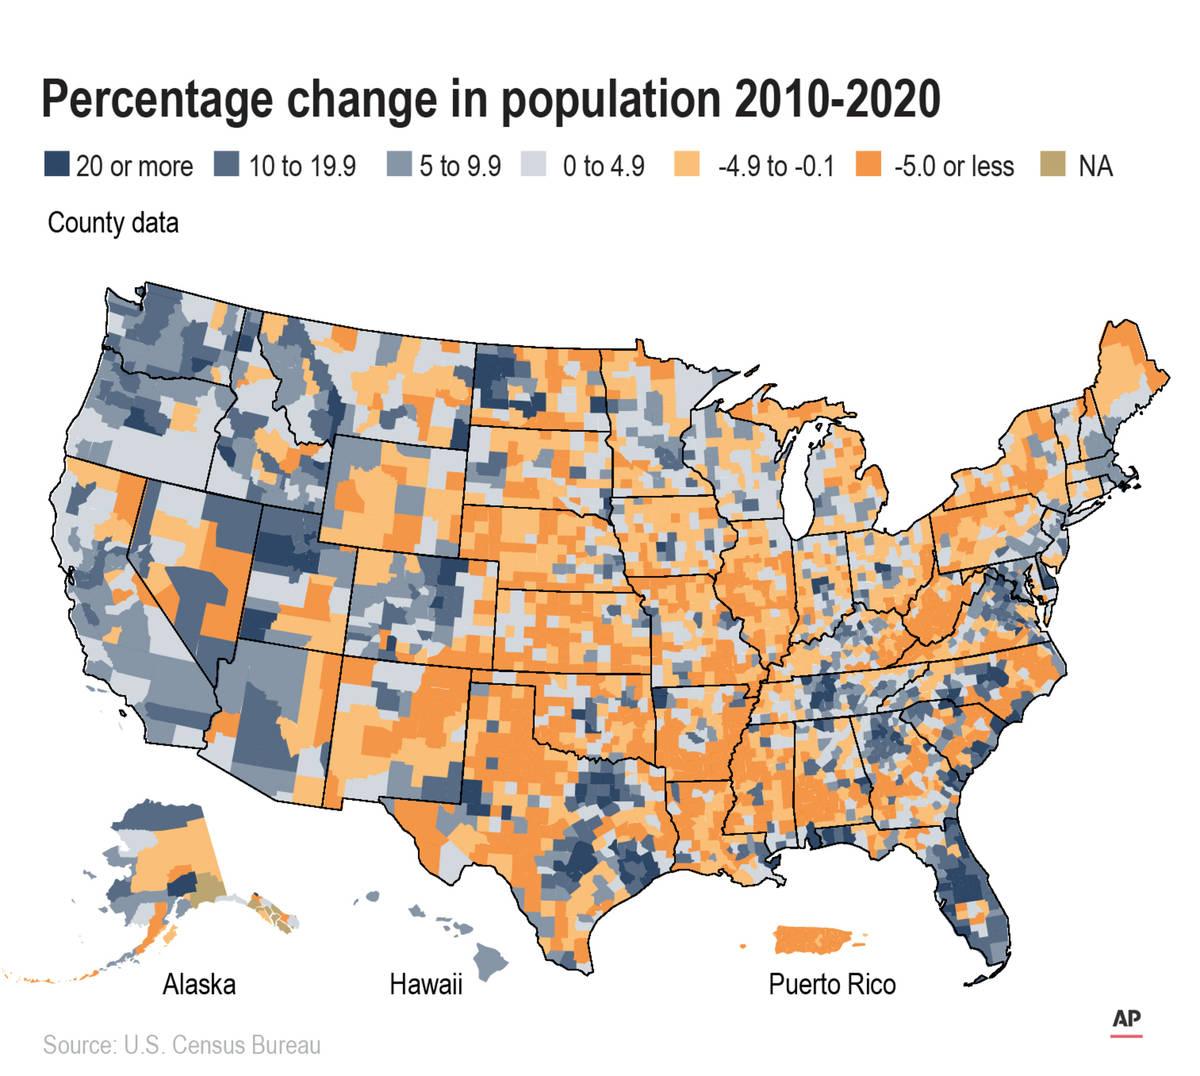 Un mapa de los condados de Estados Unidos y Puerto Rico muestra el cambio porcentual de la pobl ...